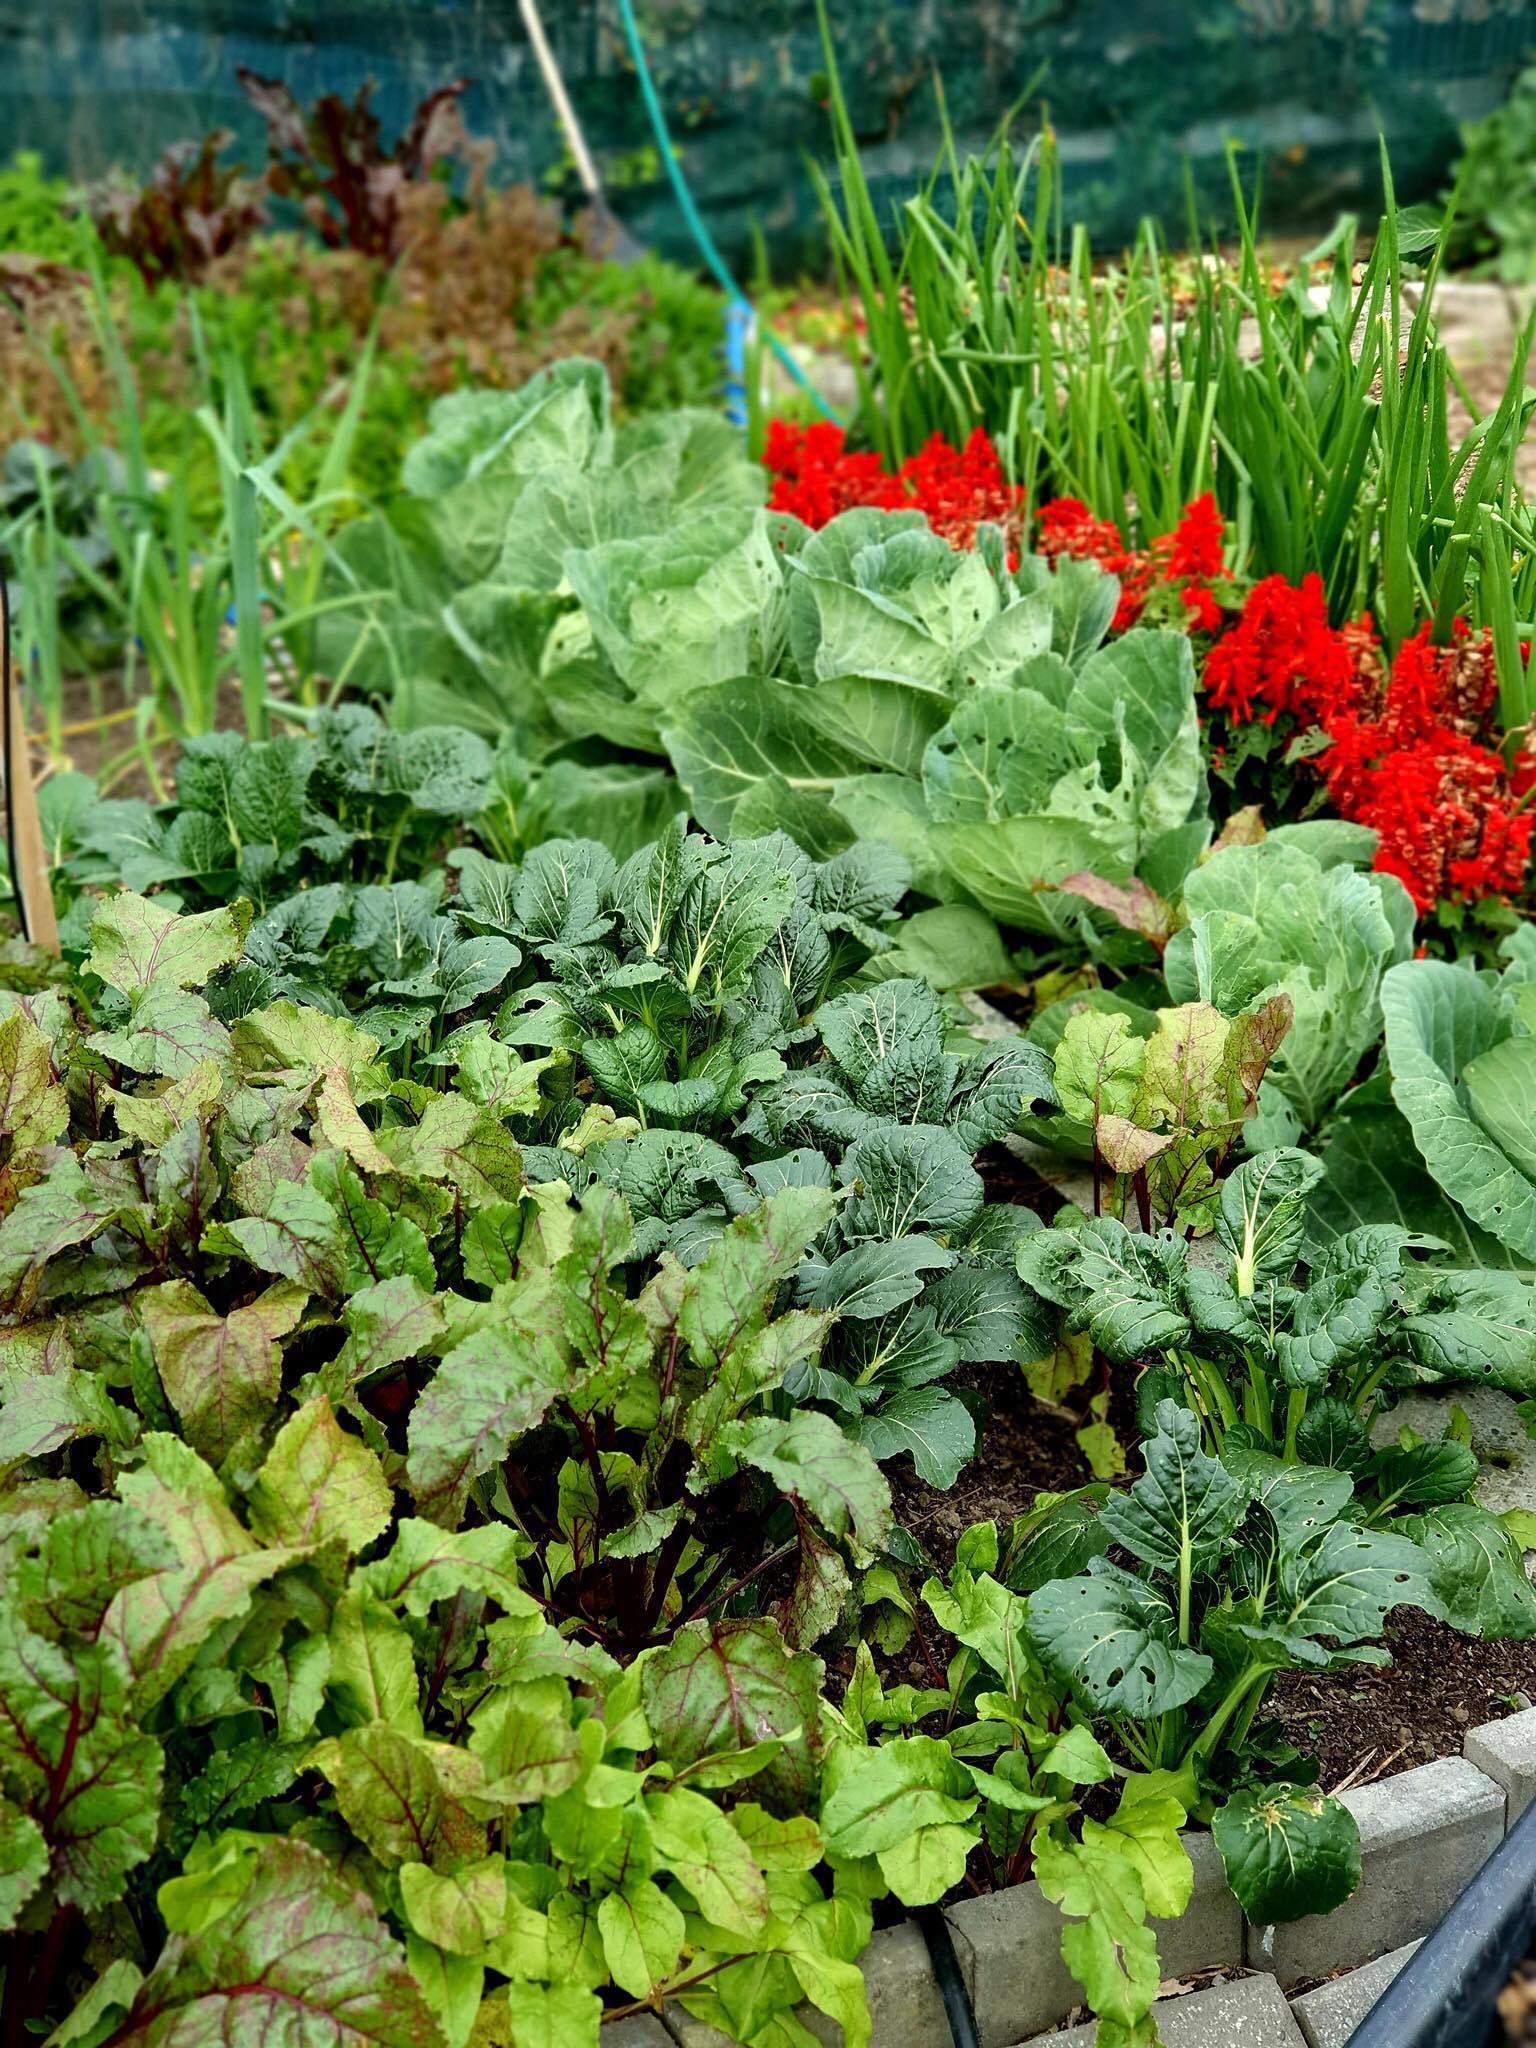 Khu vườn 225m² trồng toàn rau hữu cơ xanh tốt nhờ bí quyết dễ làm của bà mẹ trẻ đảm đang - Ảnh 16.